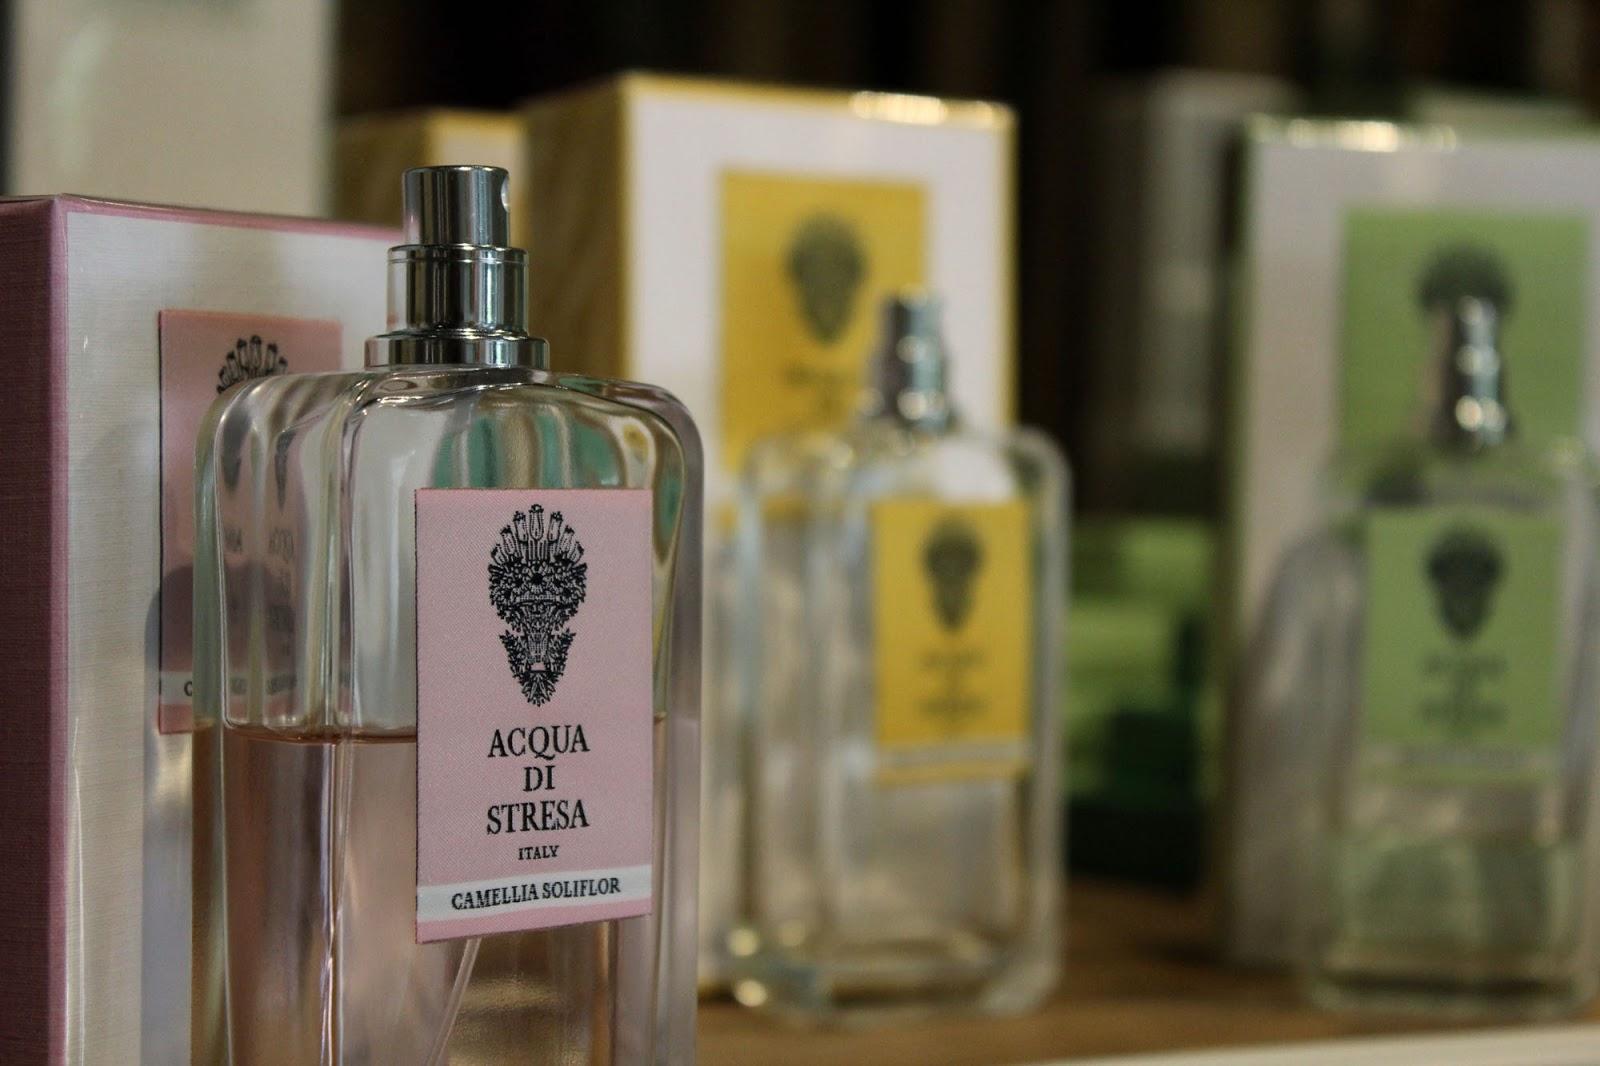 Eniwhere Fashion - Vicolo del Fornello - Isola Bella - Acqua di Stresa